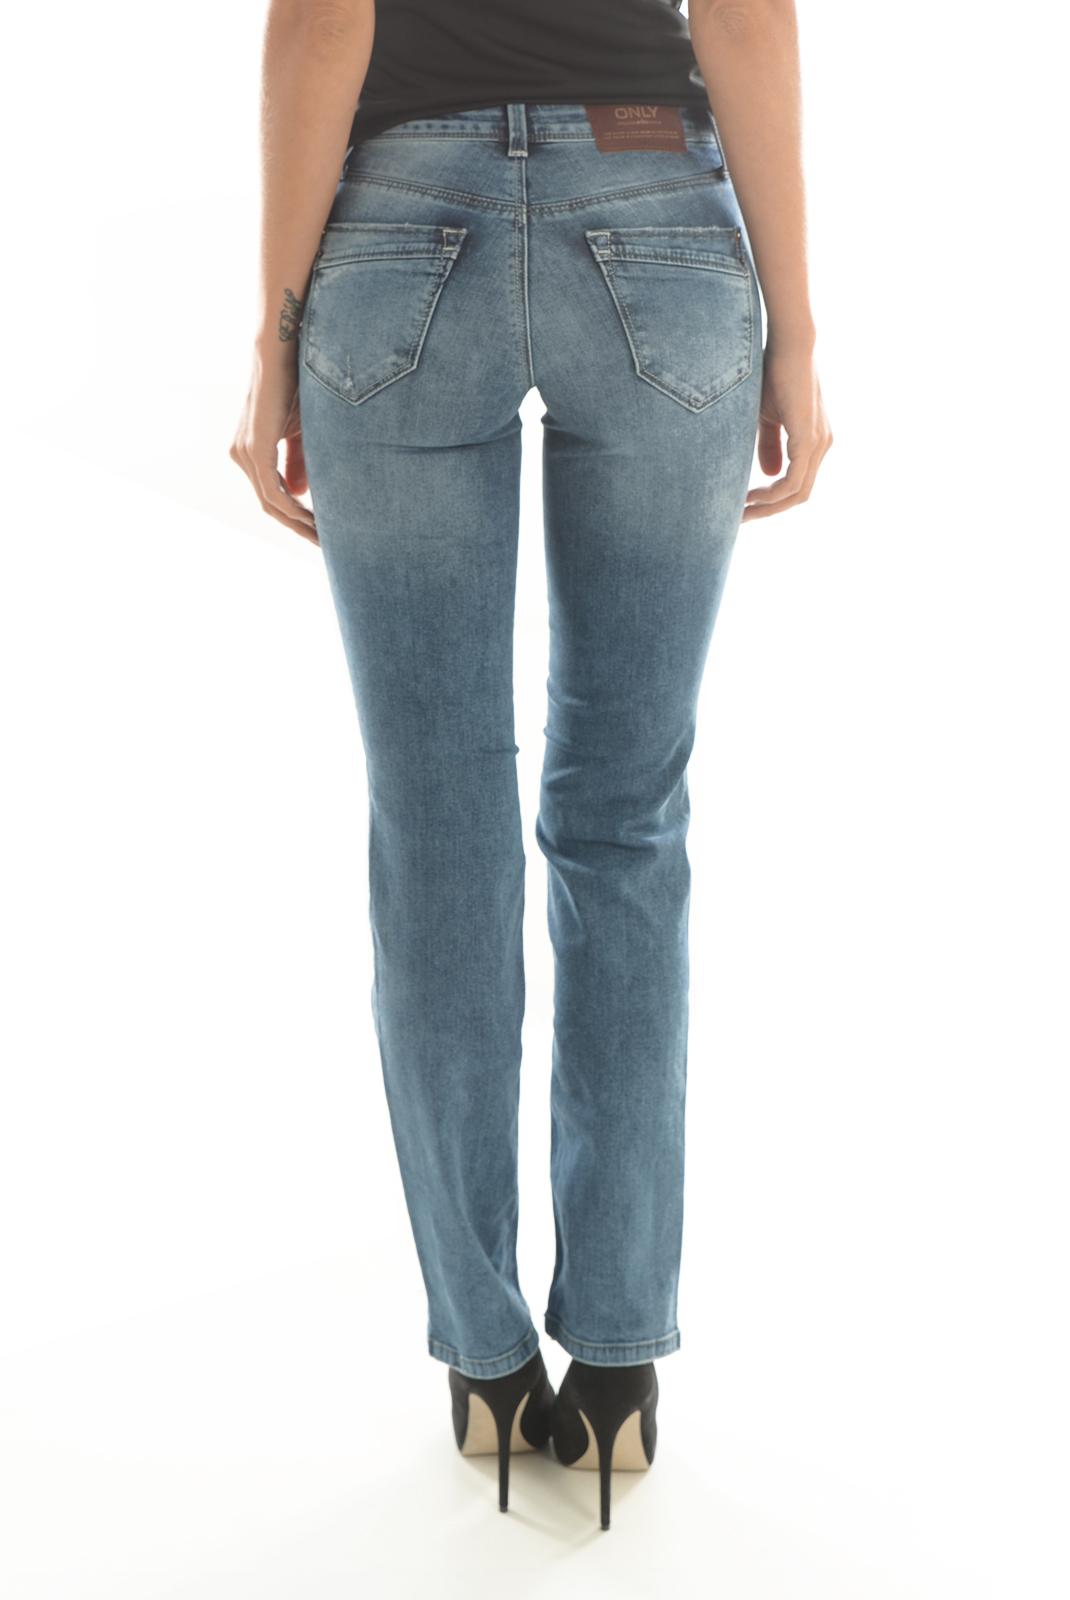 Jeans droit  Only ELLA REG ST DNM JEANS REA3577A NOOS MEDIUM BLUE DENIM